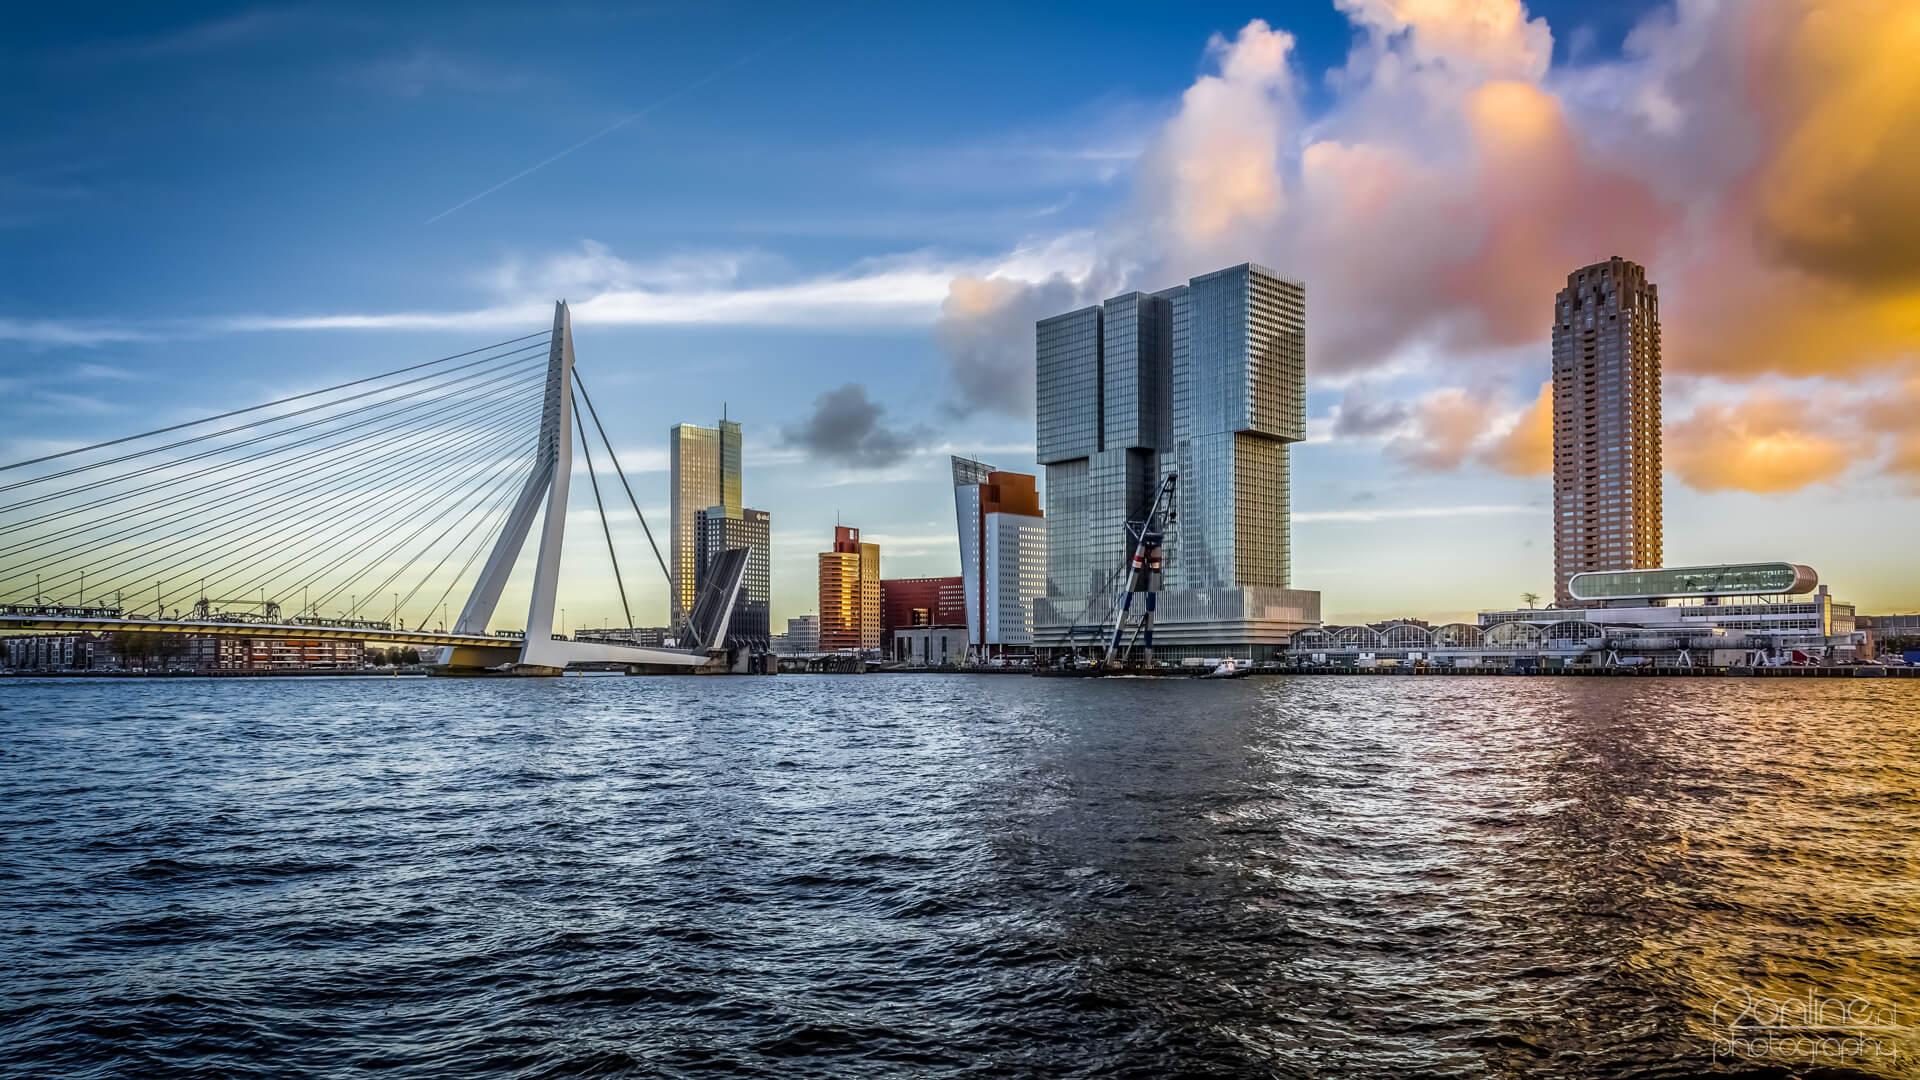 Φθηνές πτήσεις από Ρότερνταμ